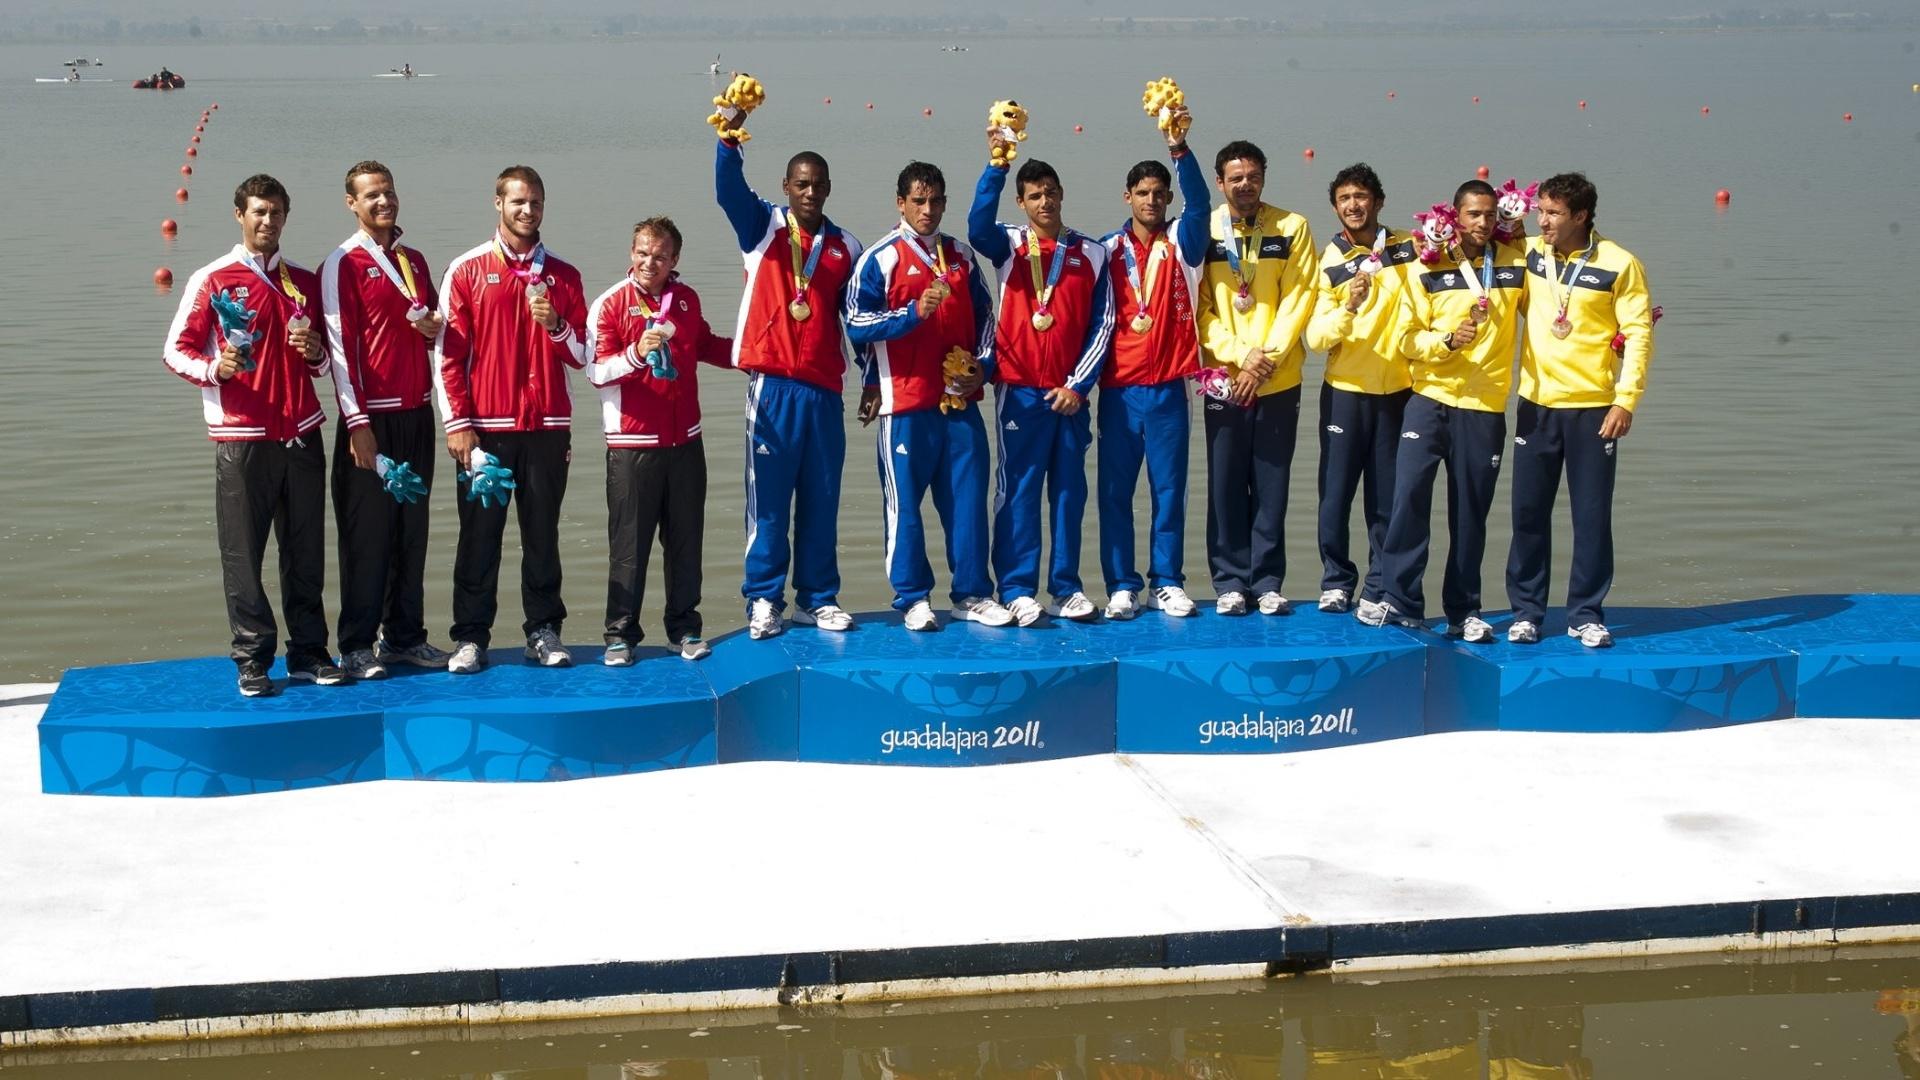 O Brasil ganhou a medalha de bronze no K4 1000 m na canoagem (27/10/2011)